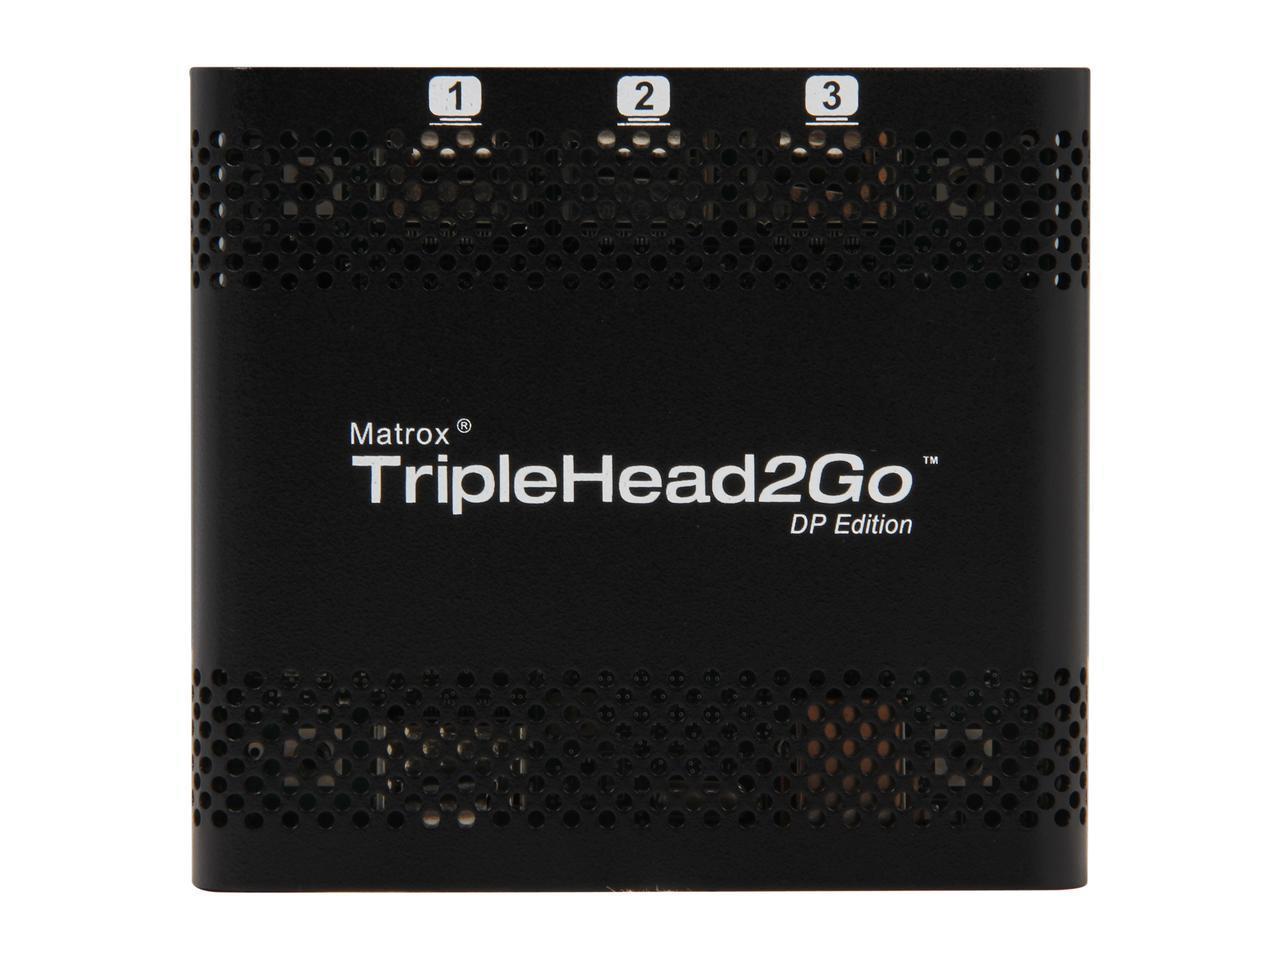 Външен мулти-дисплей адаптер Matrox T2G-DP-MIF за едновременна работа на 3 мониторa с DP вход